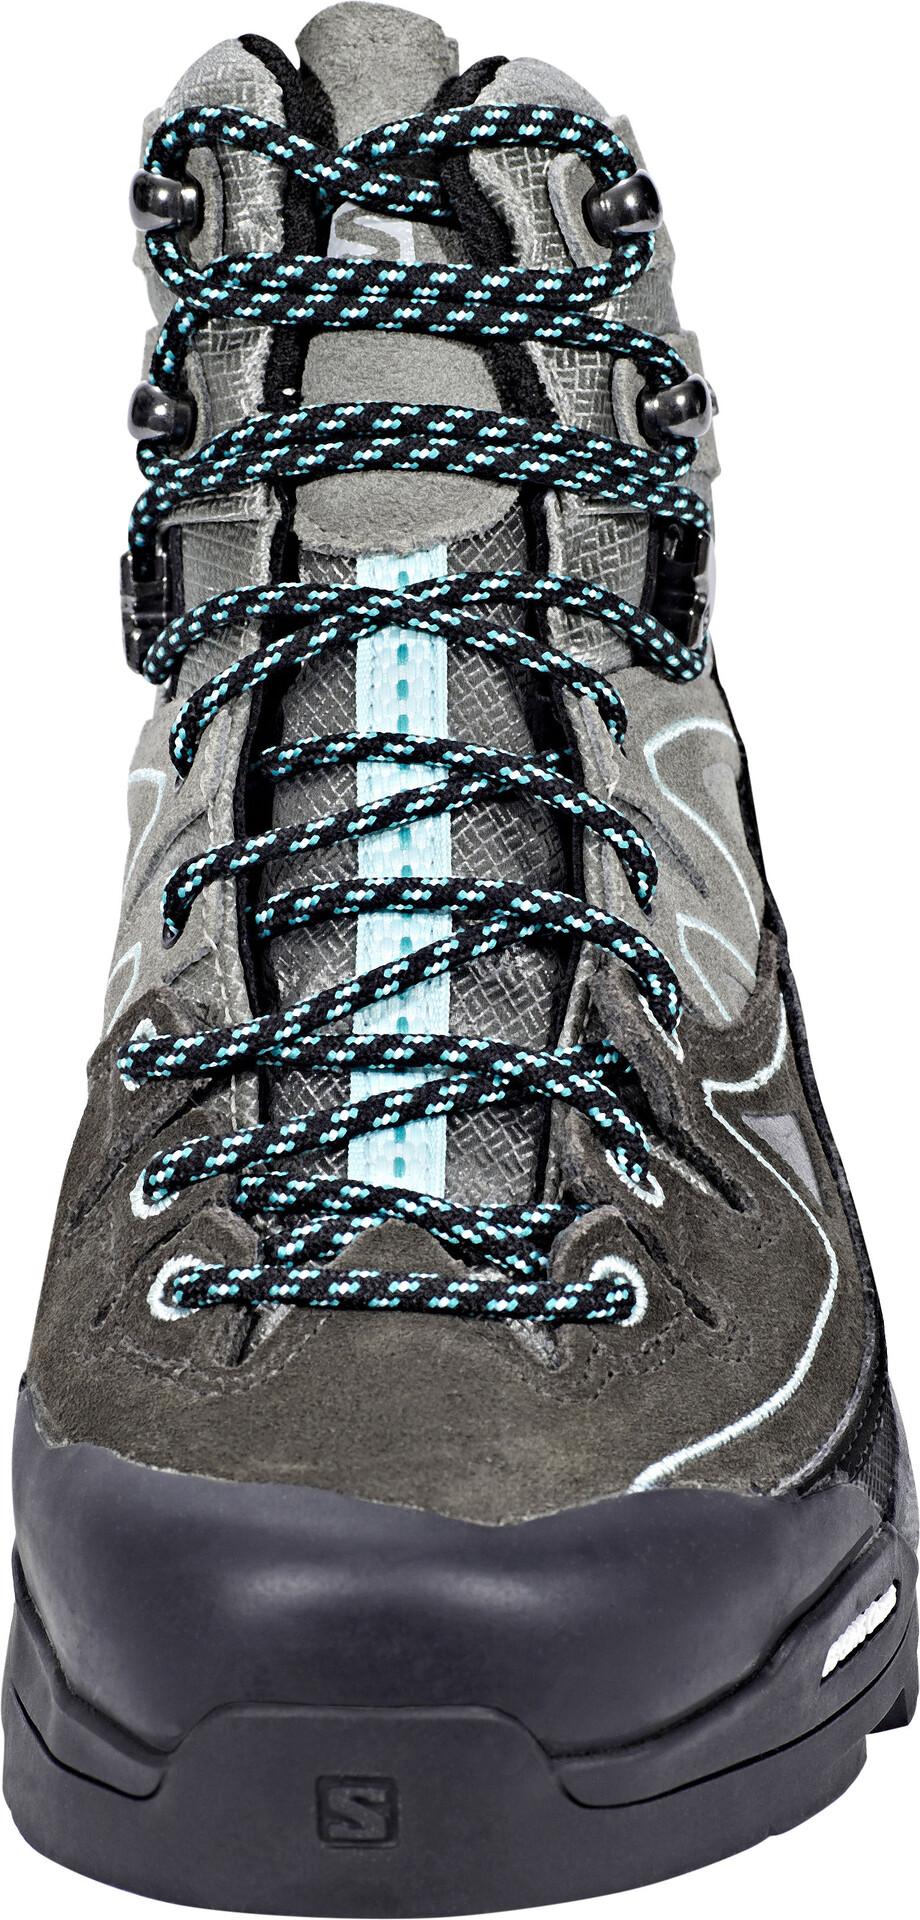 Salomon X Alp LTR GTX Chaussures Femme gris sur CAMPZ !